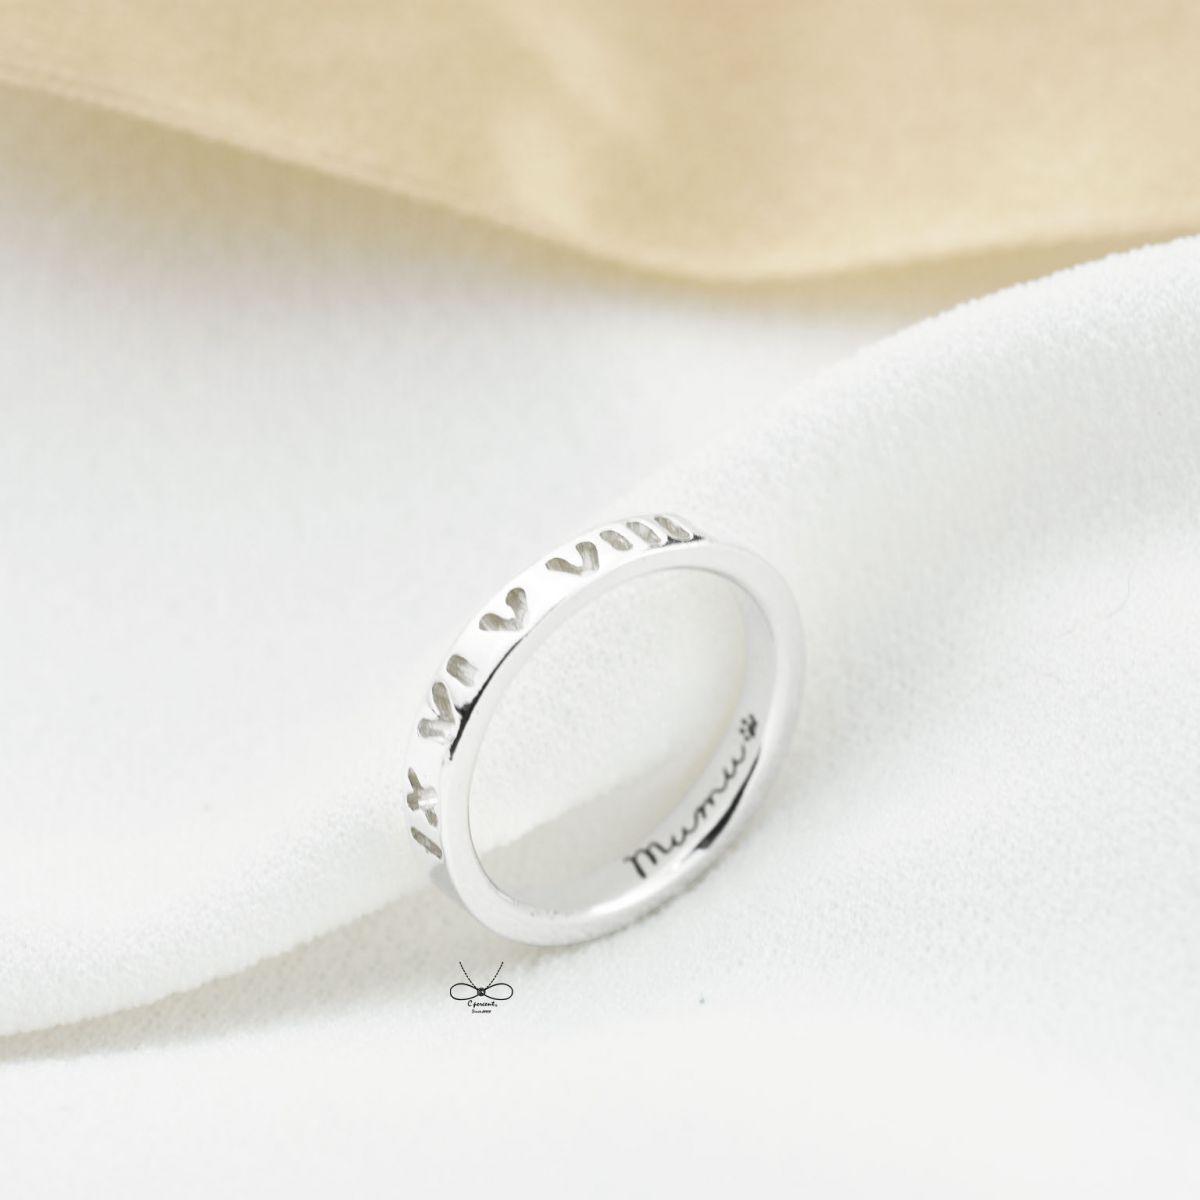 【專屬訂製】mumu狗腳印 羅馬數字戒指 (銀飾) - 客製化訂做 - C percent手工飾品